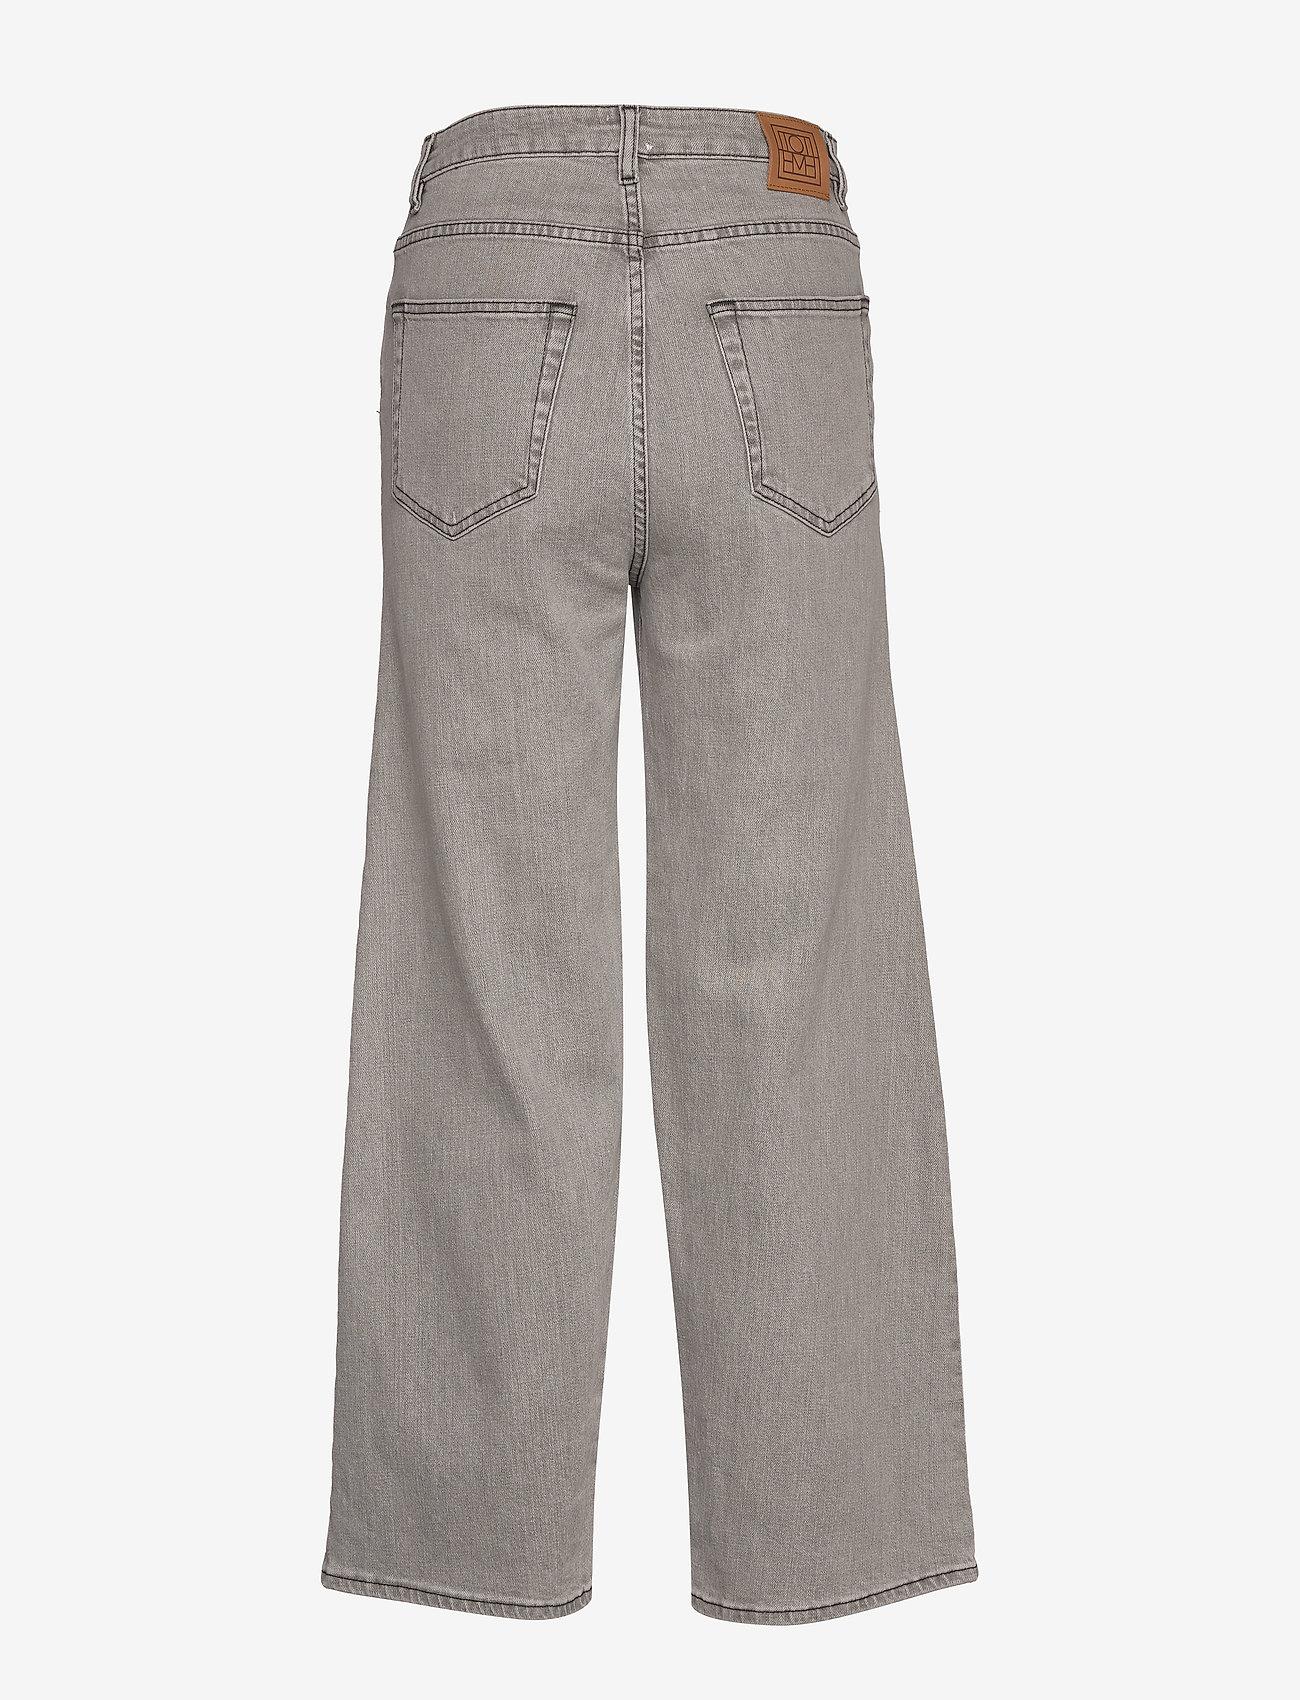 Totême - FLAIR DENIM - szerokie dżinsy - light grey wash 301 - 1